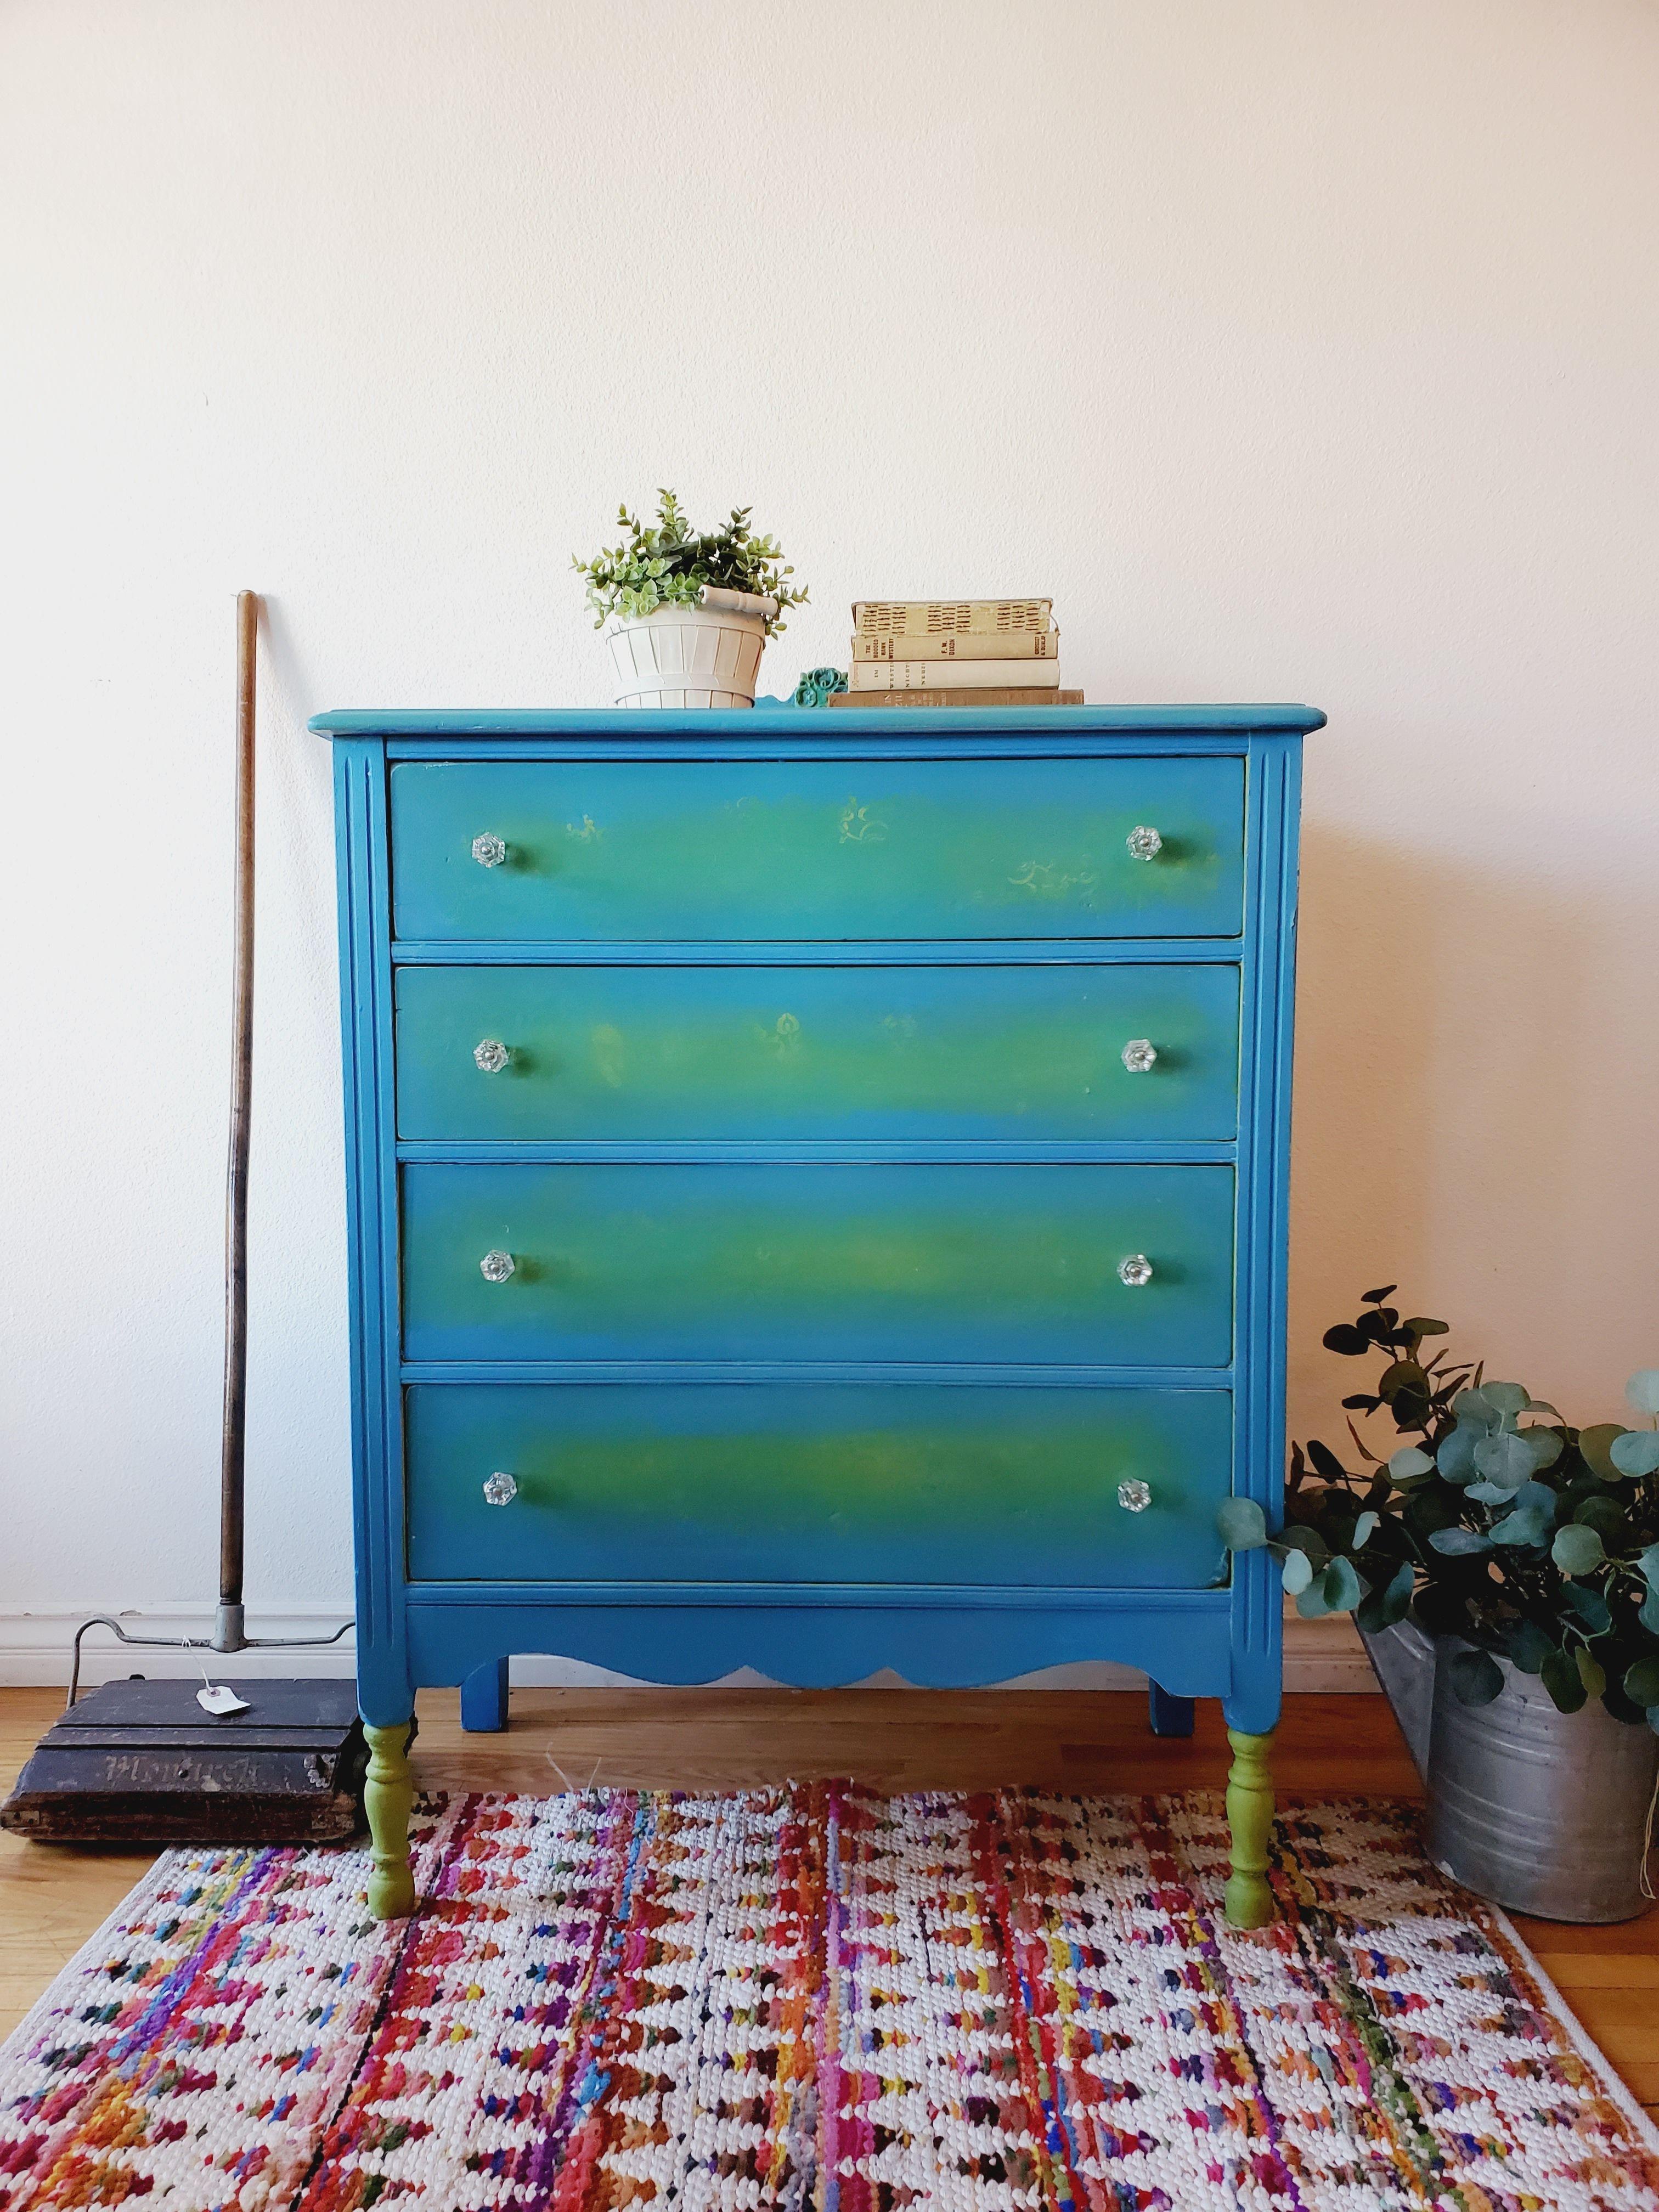 Vintage Dresser In 2021 Vintage Dressers Blue Dresser Beautiful Furniture [ 4032 x 3024 Pixel ]